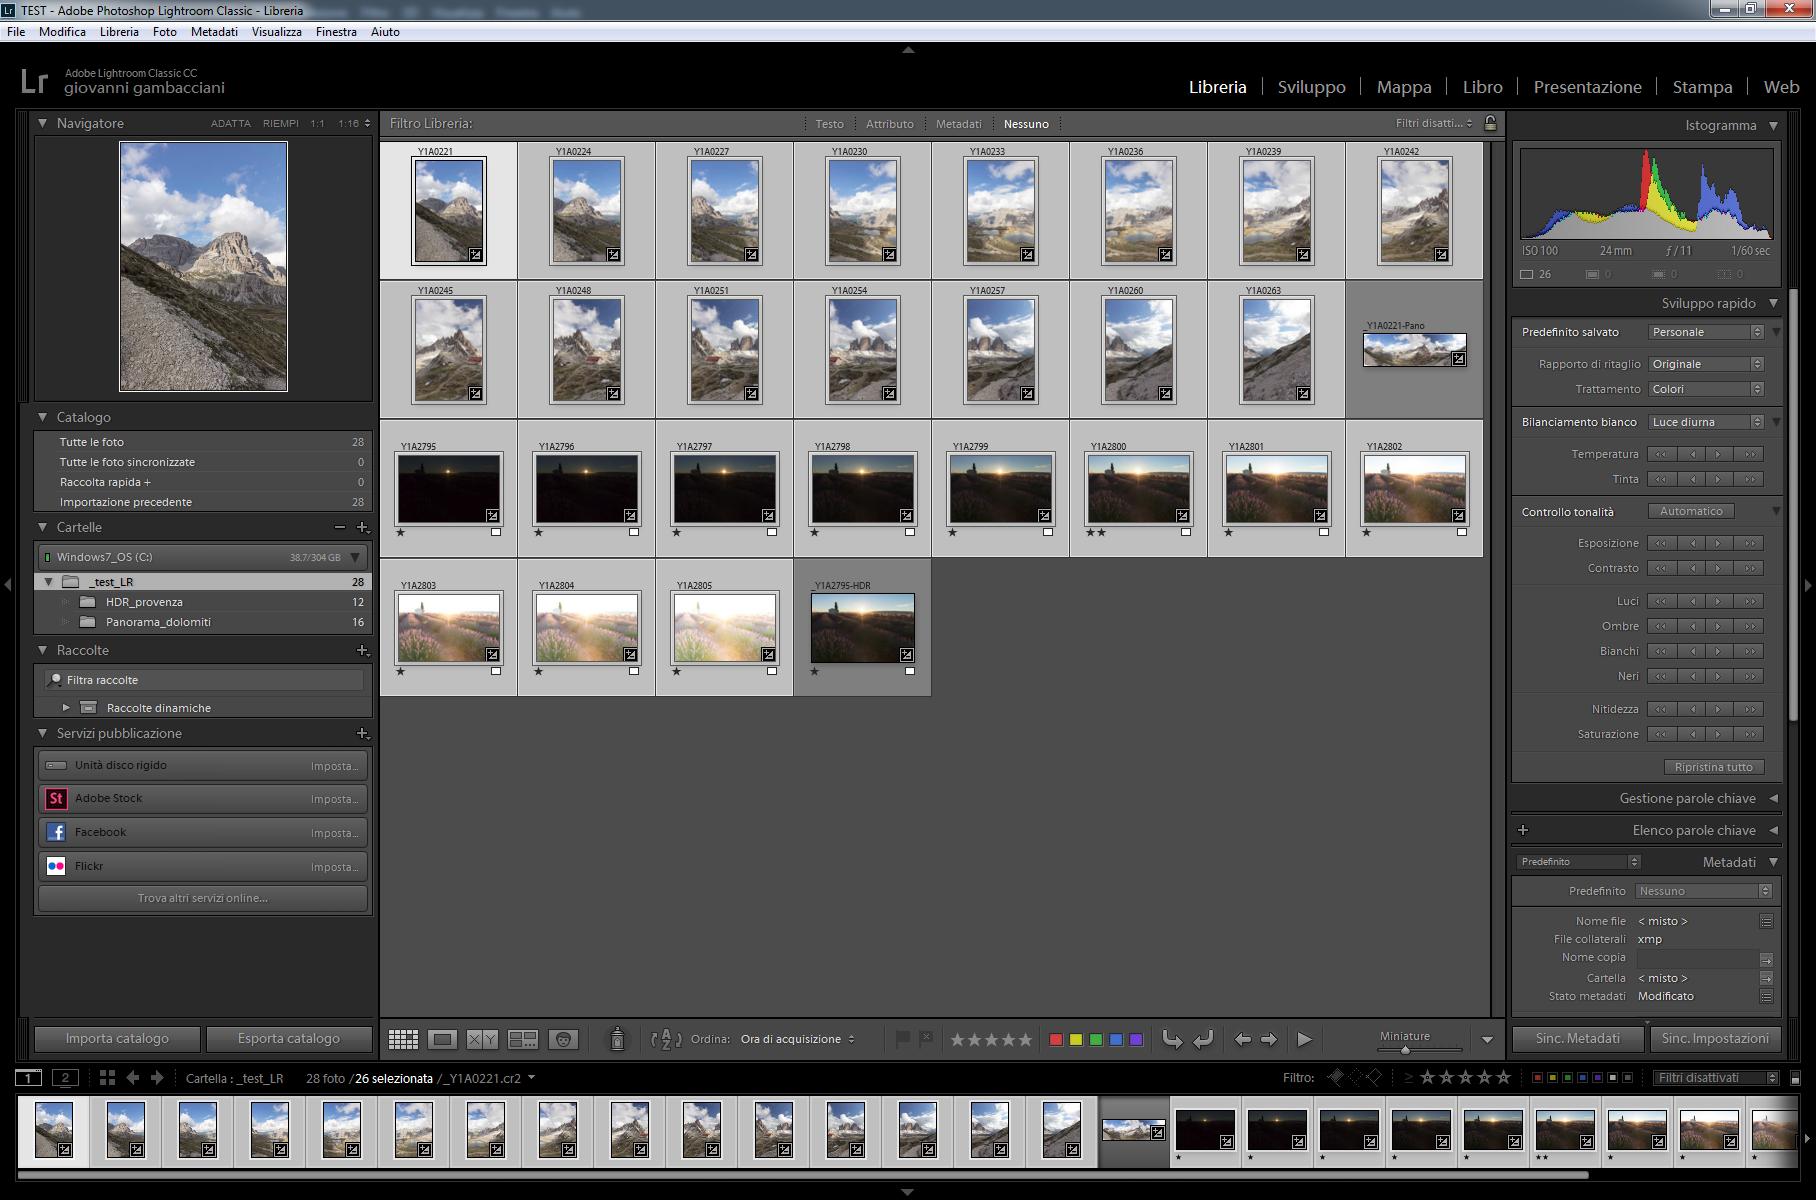 Pillole di Fotografia  LR7.1_Lenovo_ESPORT_LRschermata Nuovo LightRoom v7.2 ... Finalmente un pò di velocità!